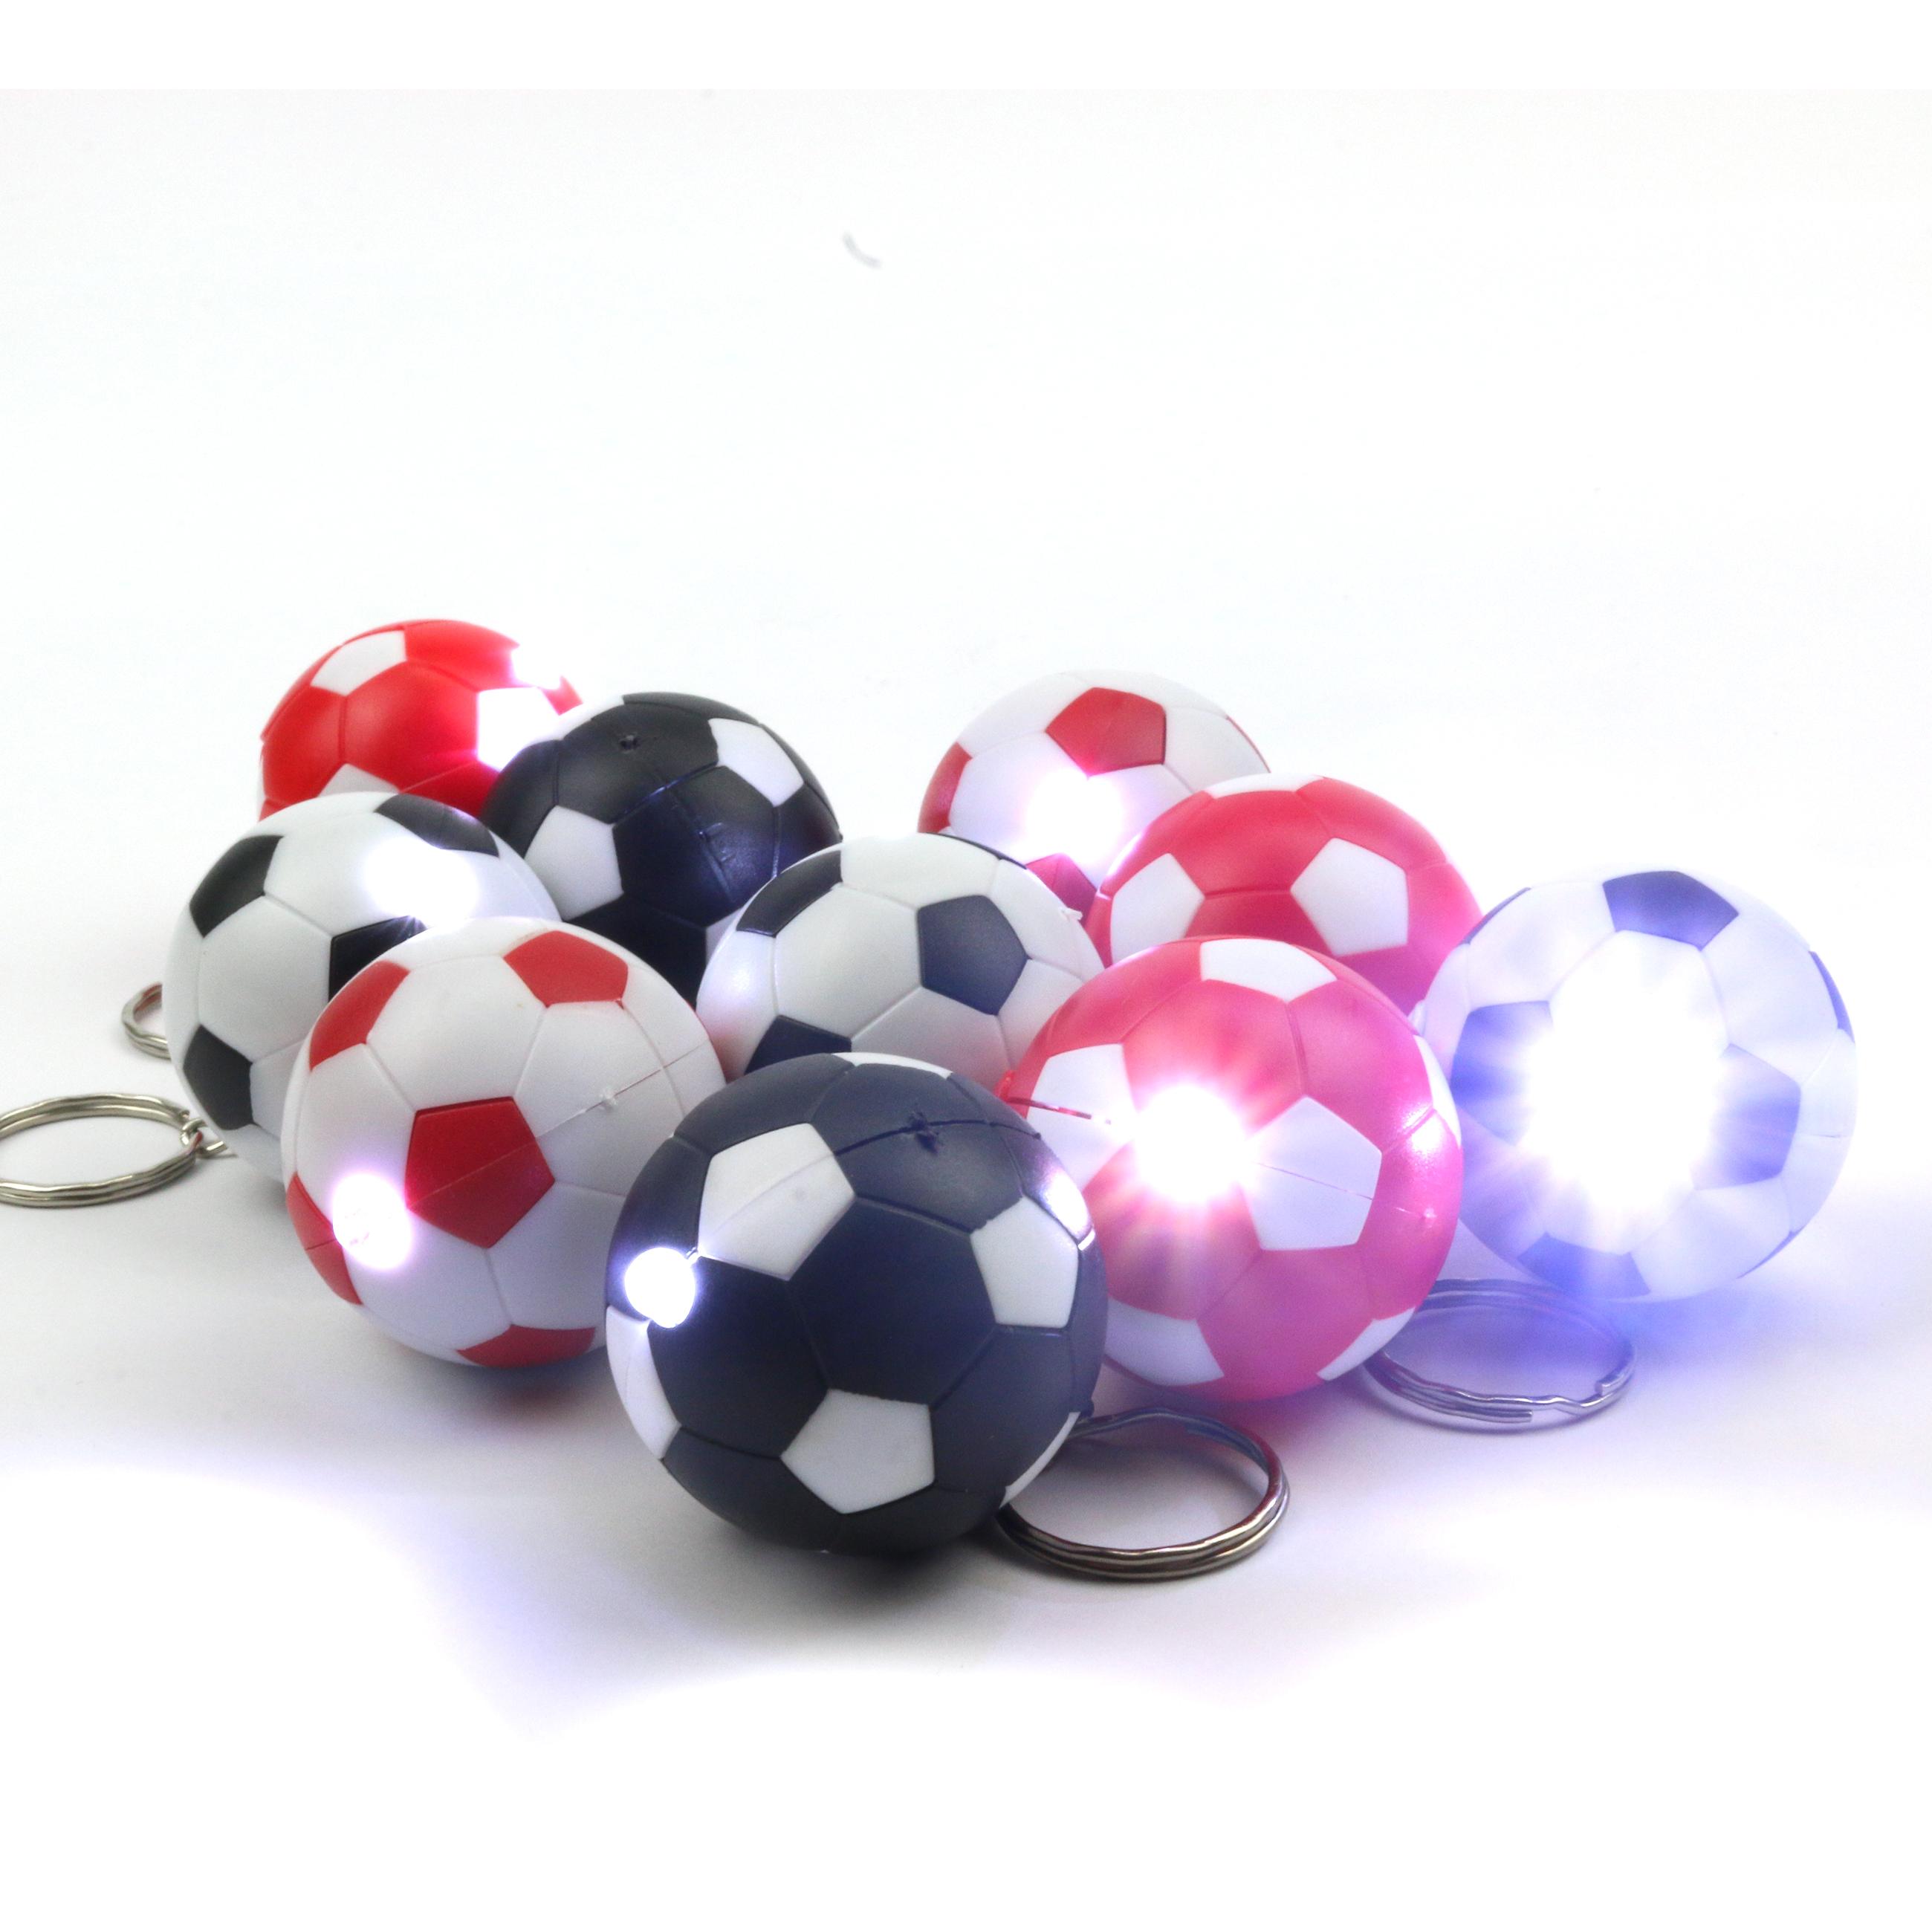 10x Fußball Schlüsselanhänger mit LED-Lampe in 4 Farbkombinationen